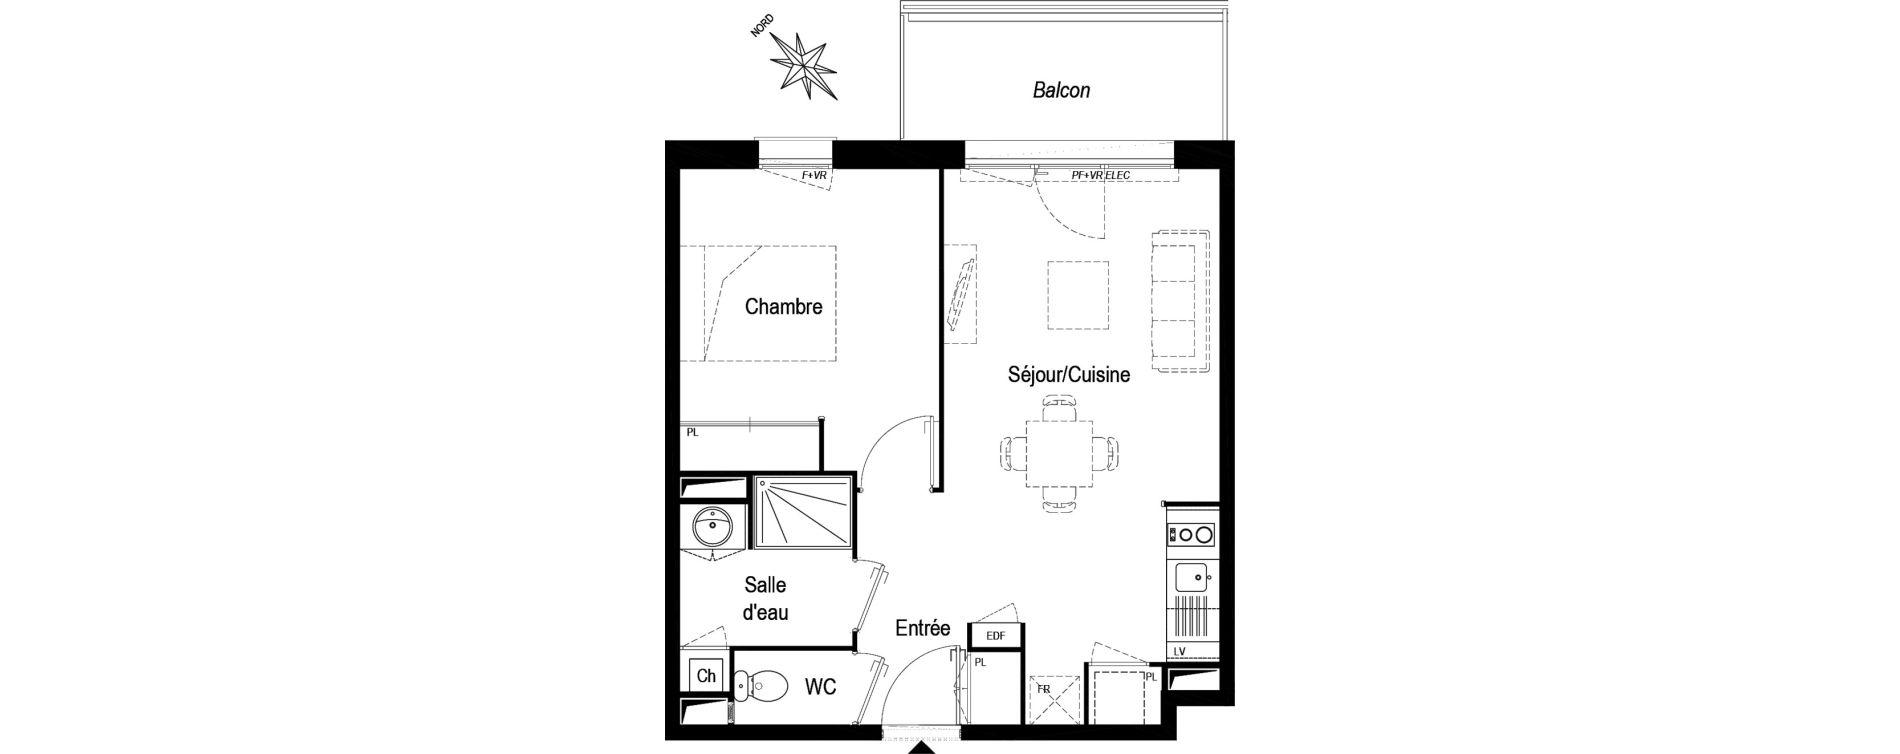 Appartement T2 de 42,33 m2 à Biganos Centre